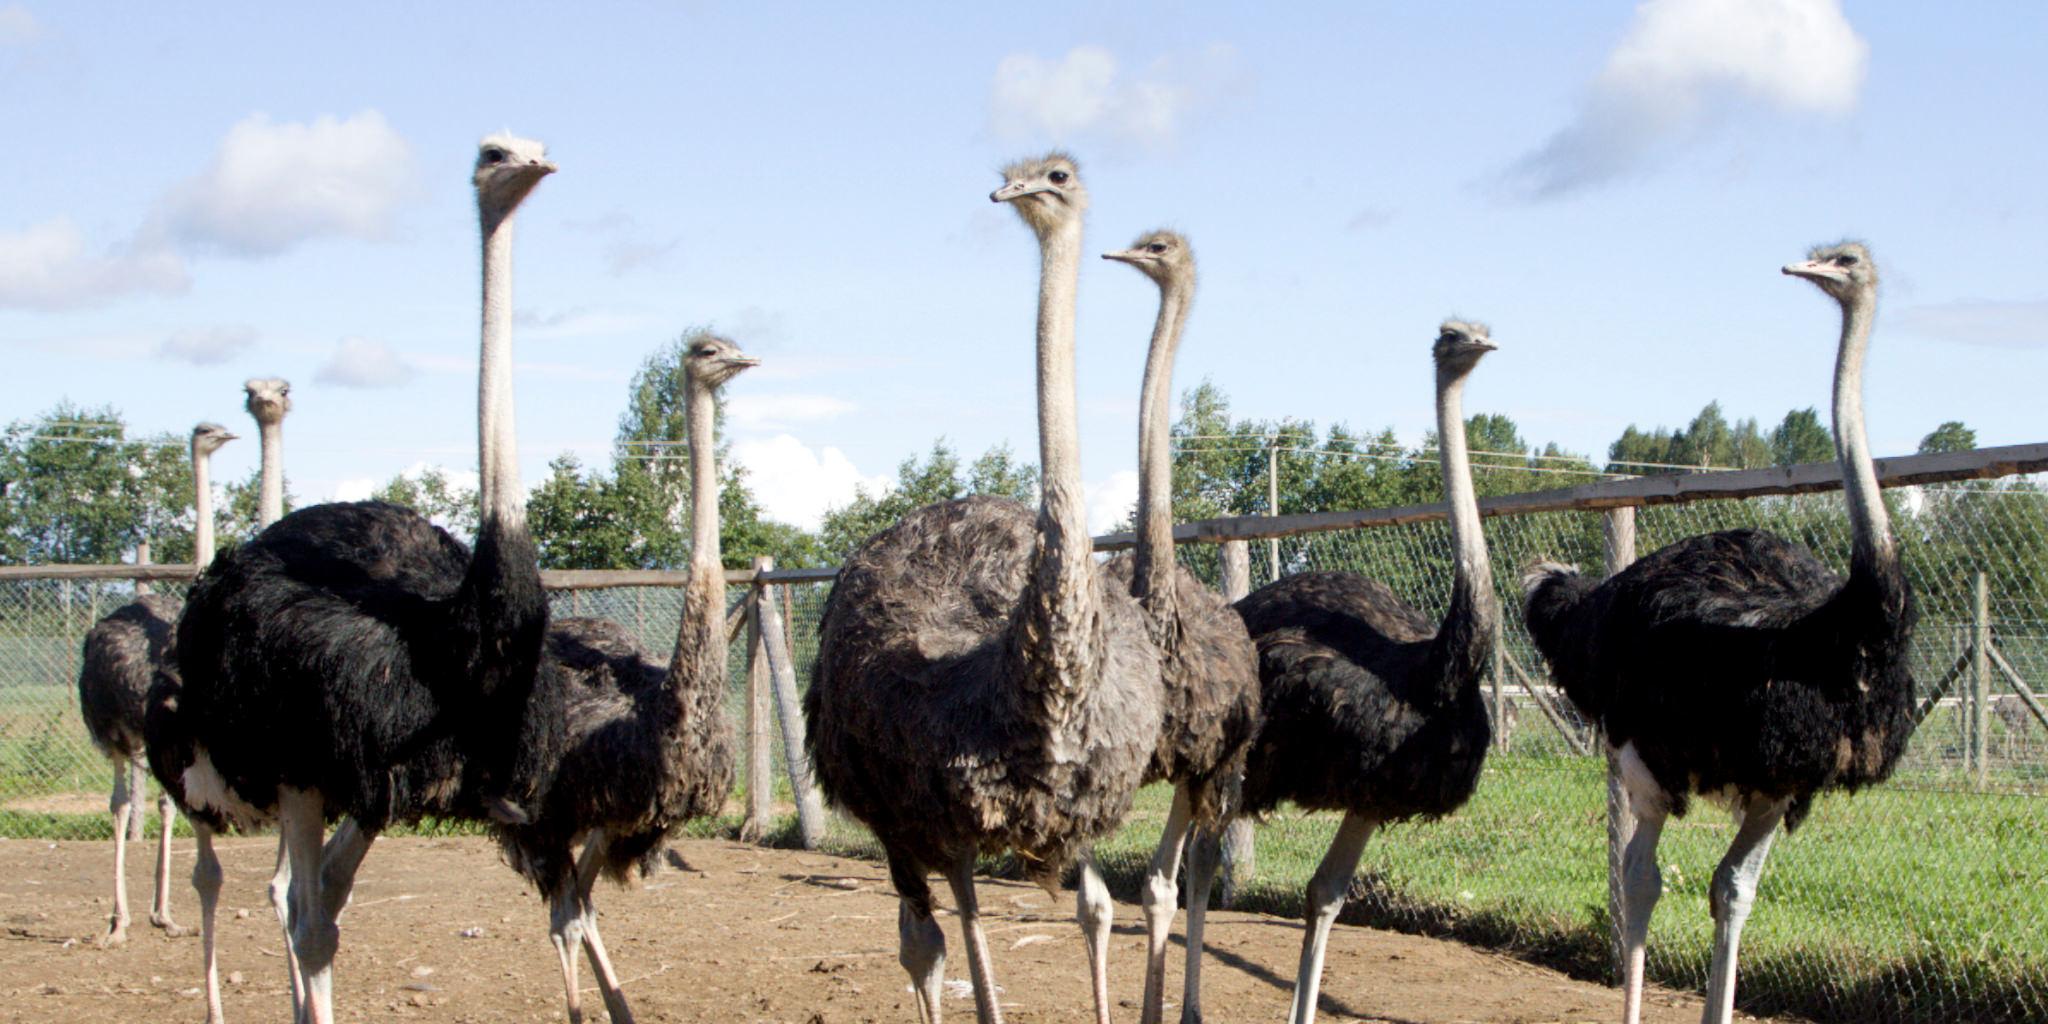 Vögel artgerecht füttern